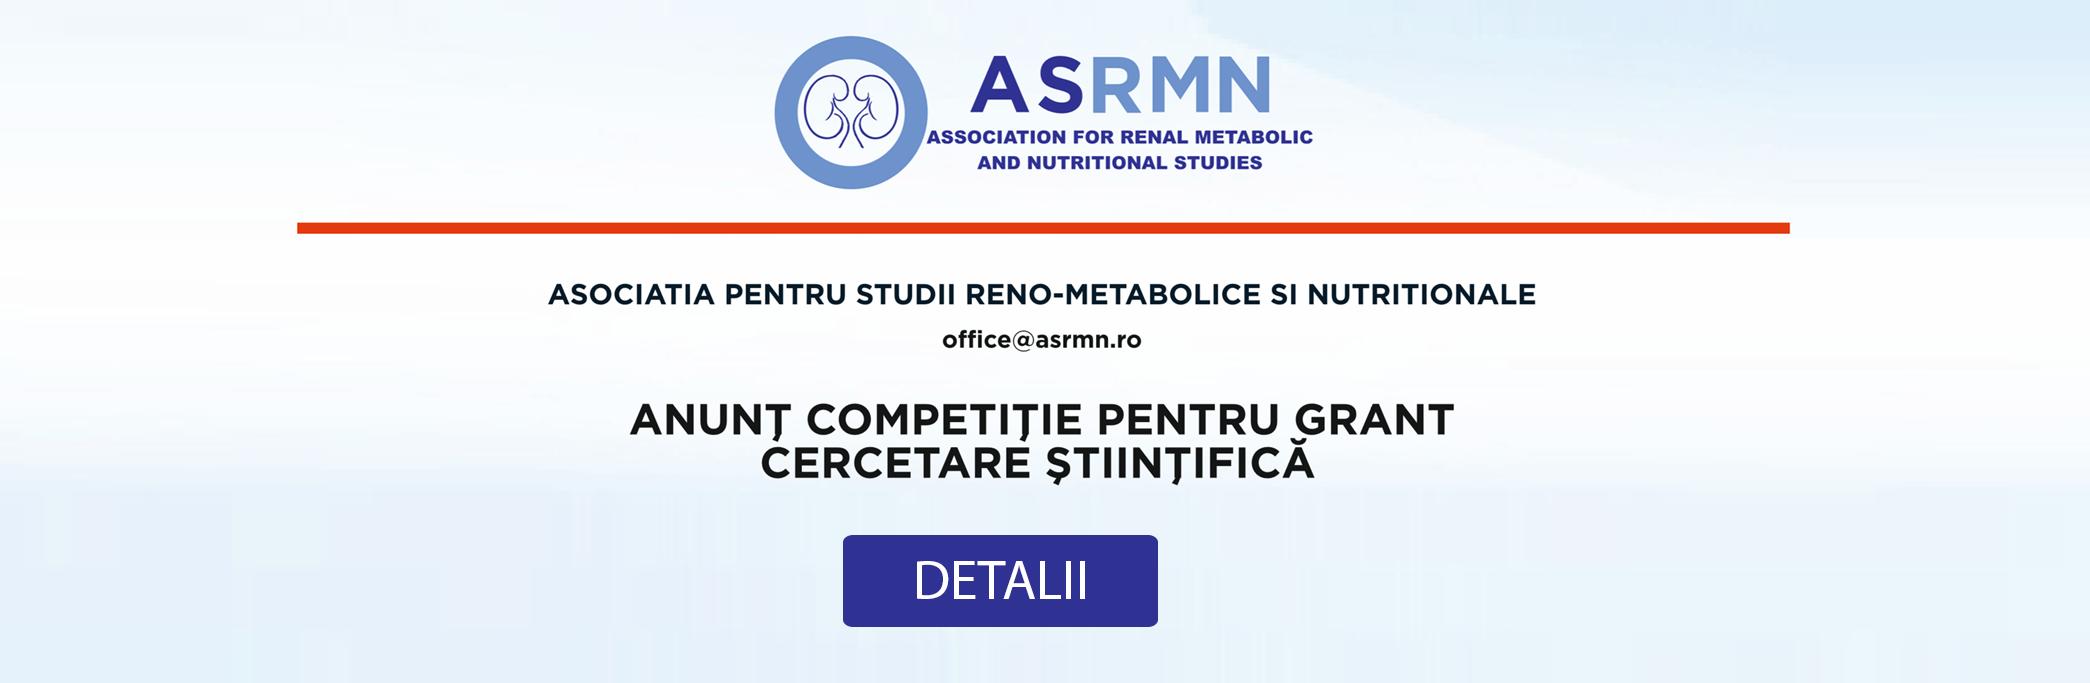 UPDATE: Rezultate Anunt competitie pentru grant cercetare stiintifica